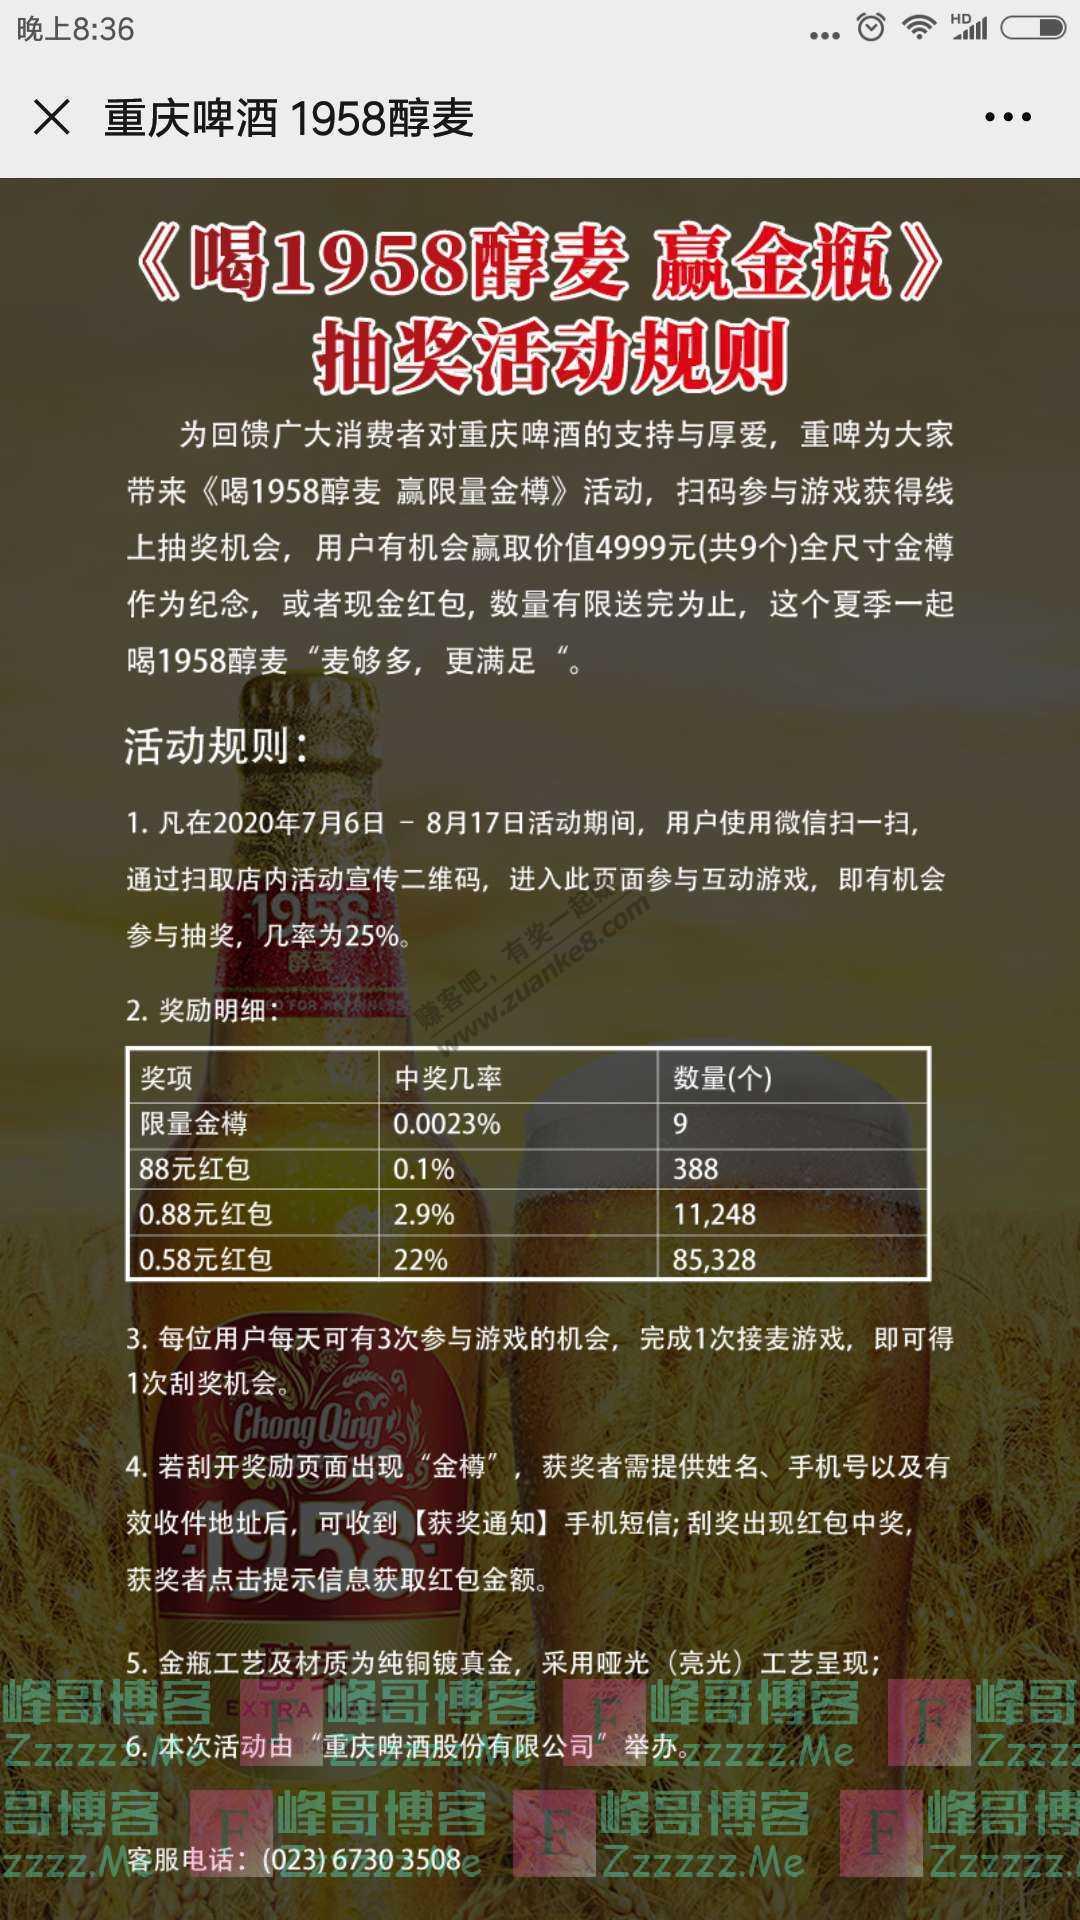 重庆啤酒喝1958醇麦赢金瓶(截止8月17日)